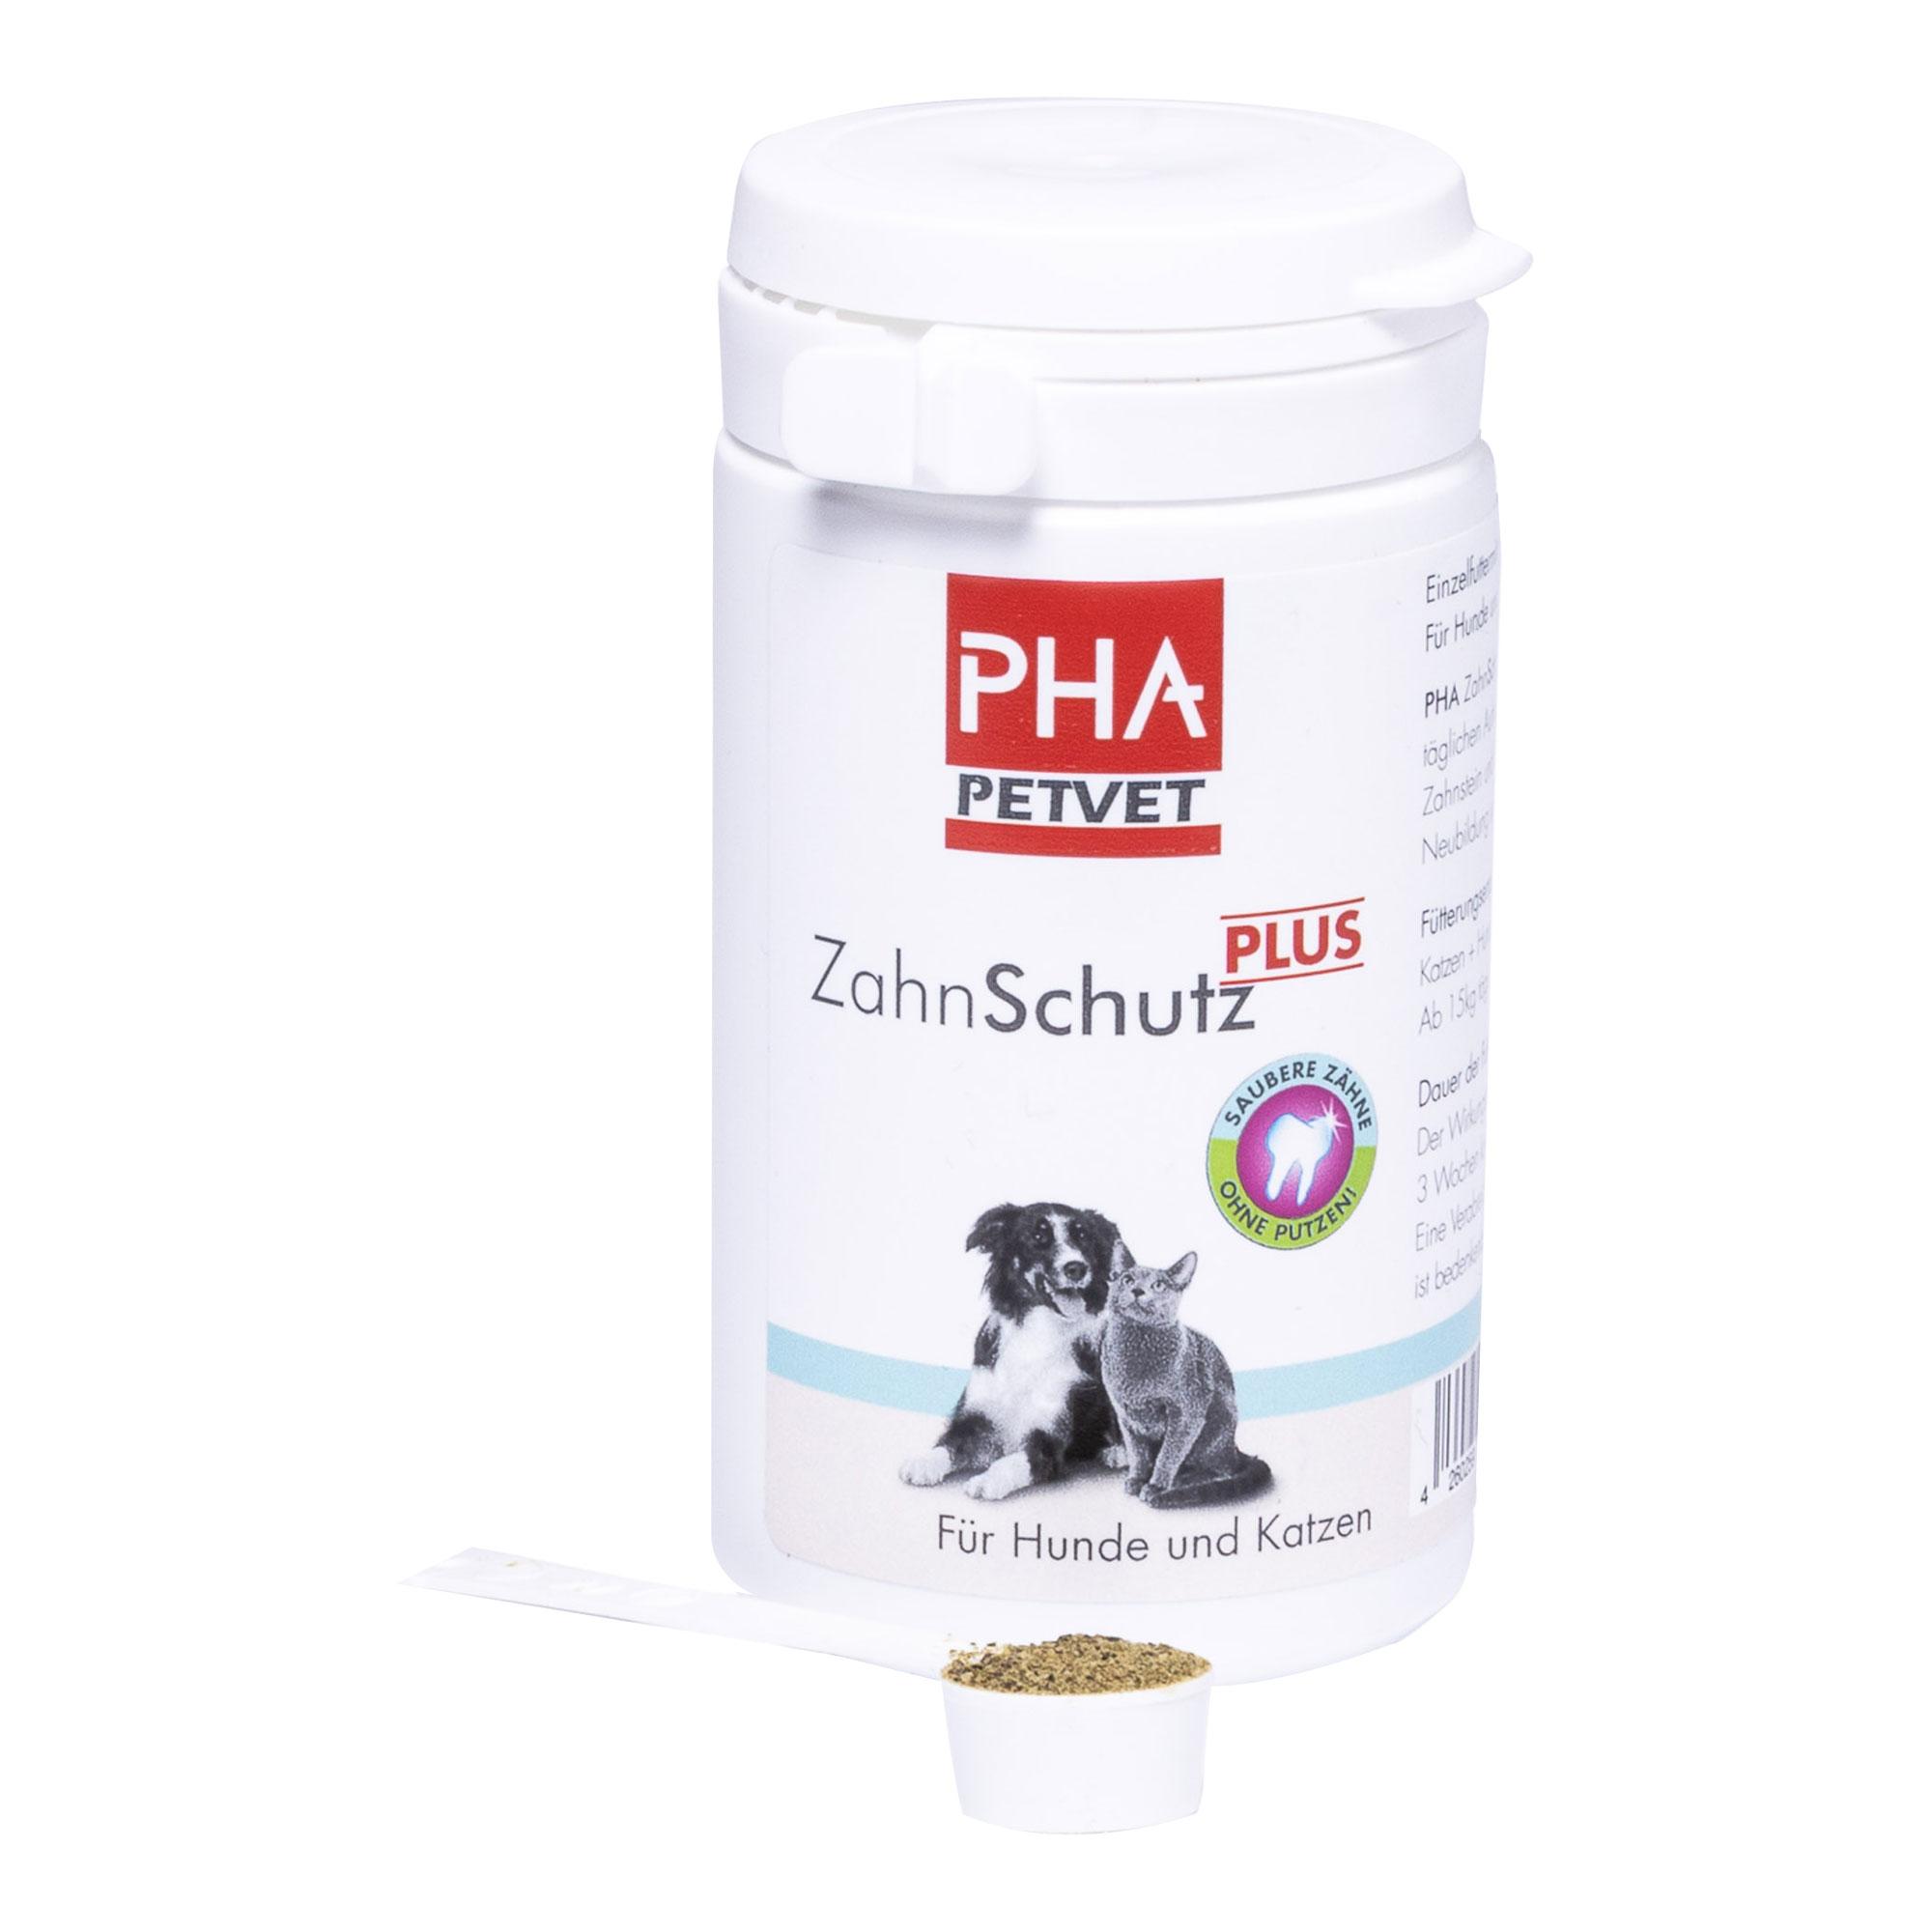 PHA Zahn-Schutz Plus Pulver für Hunde/Katzen